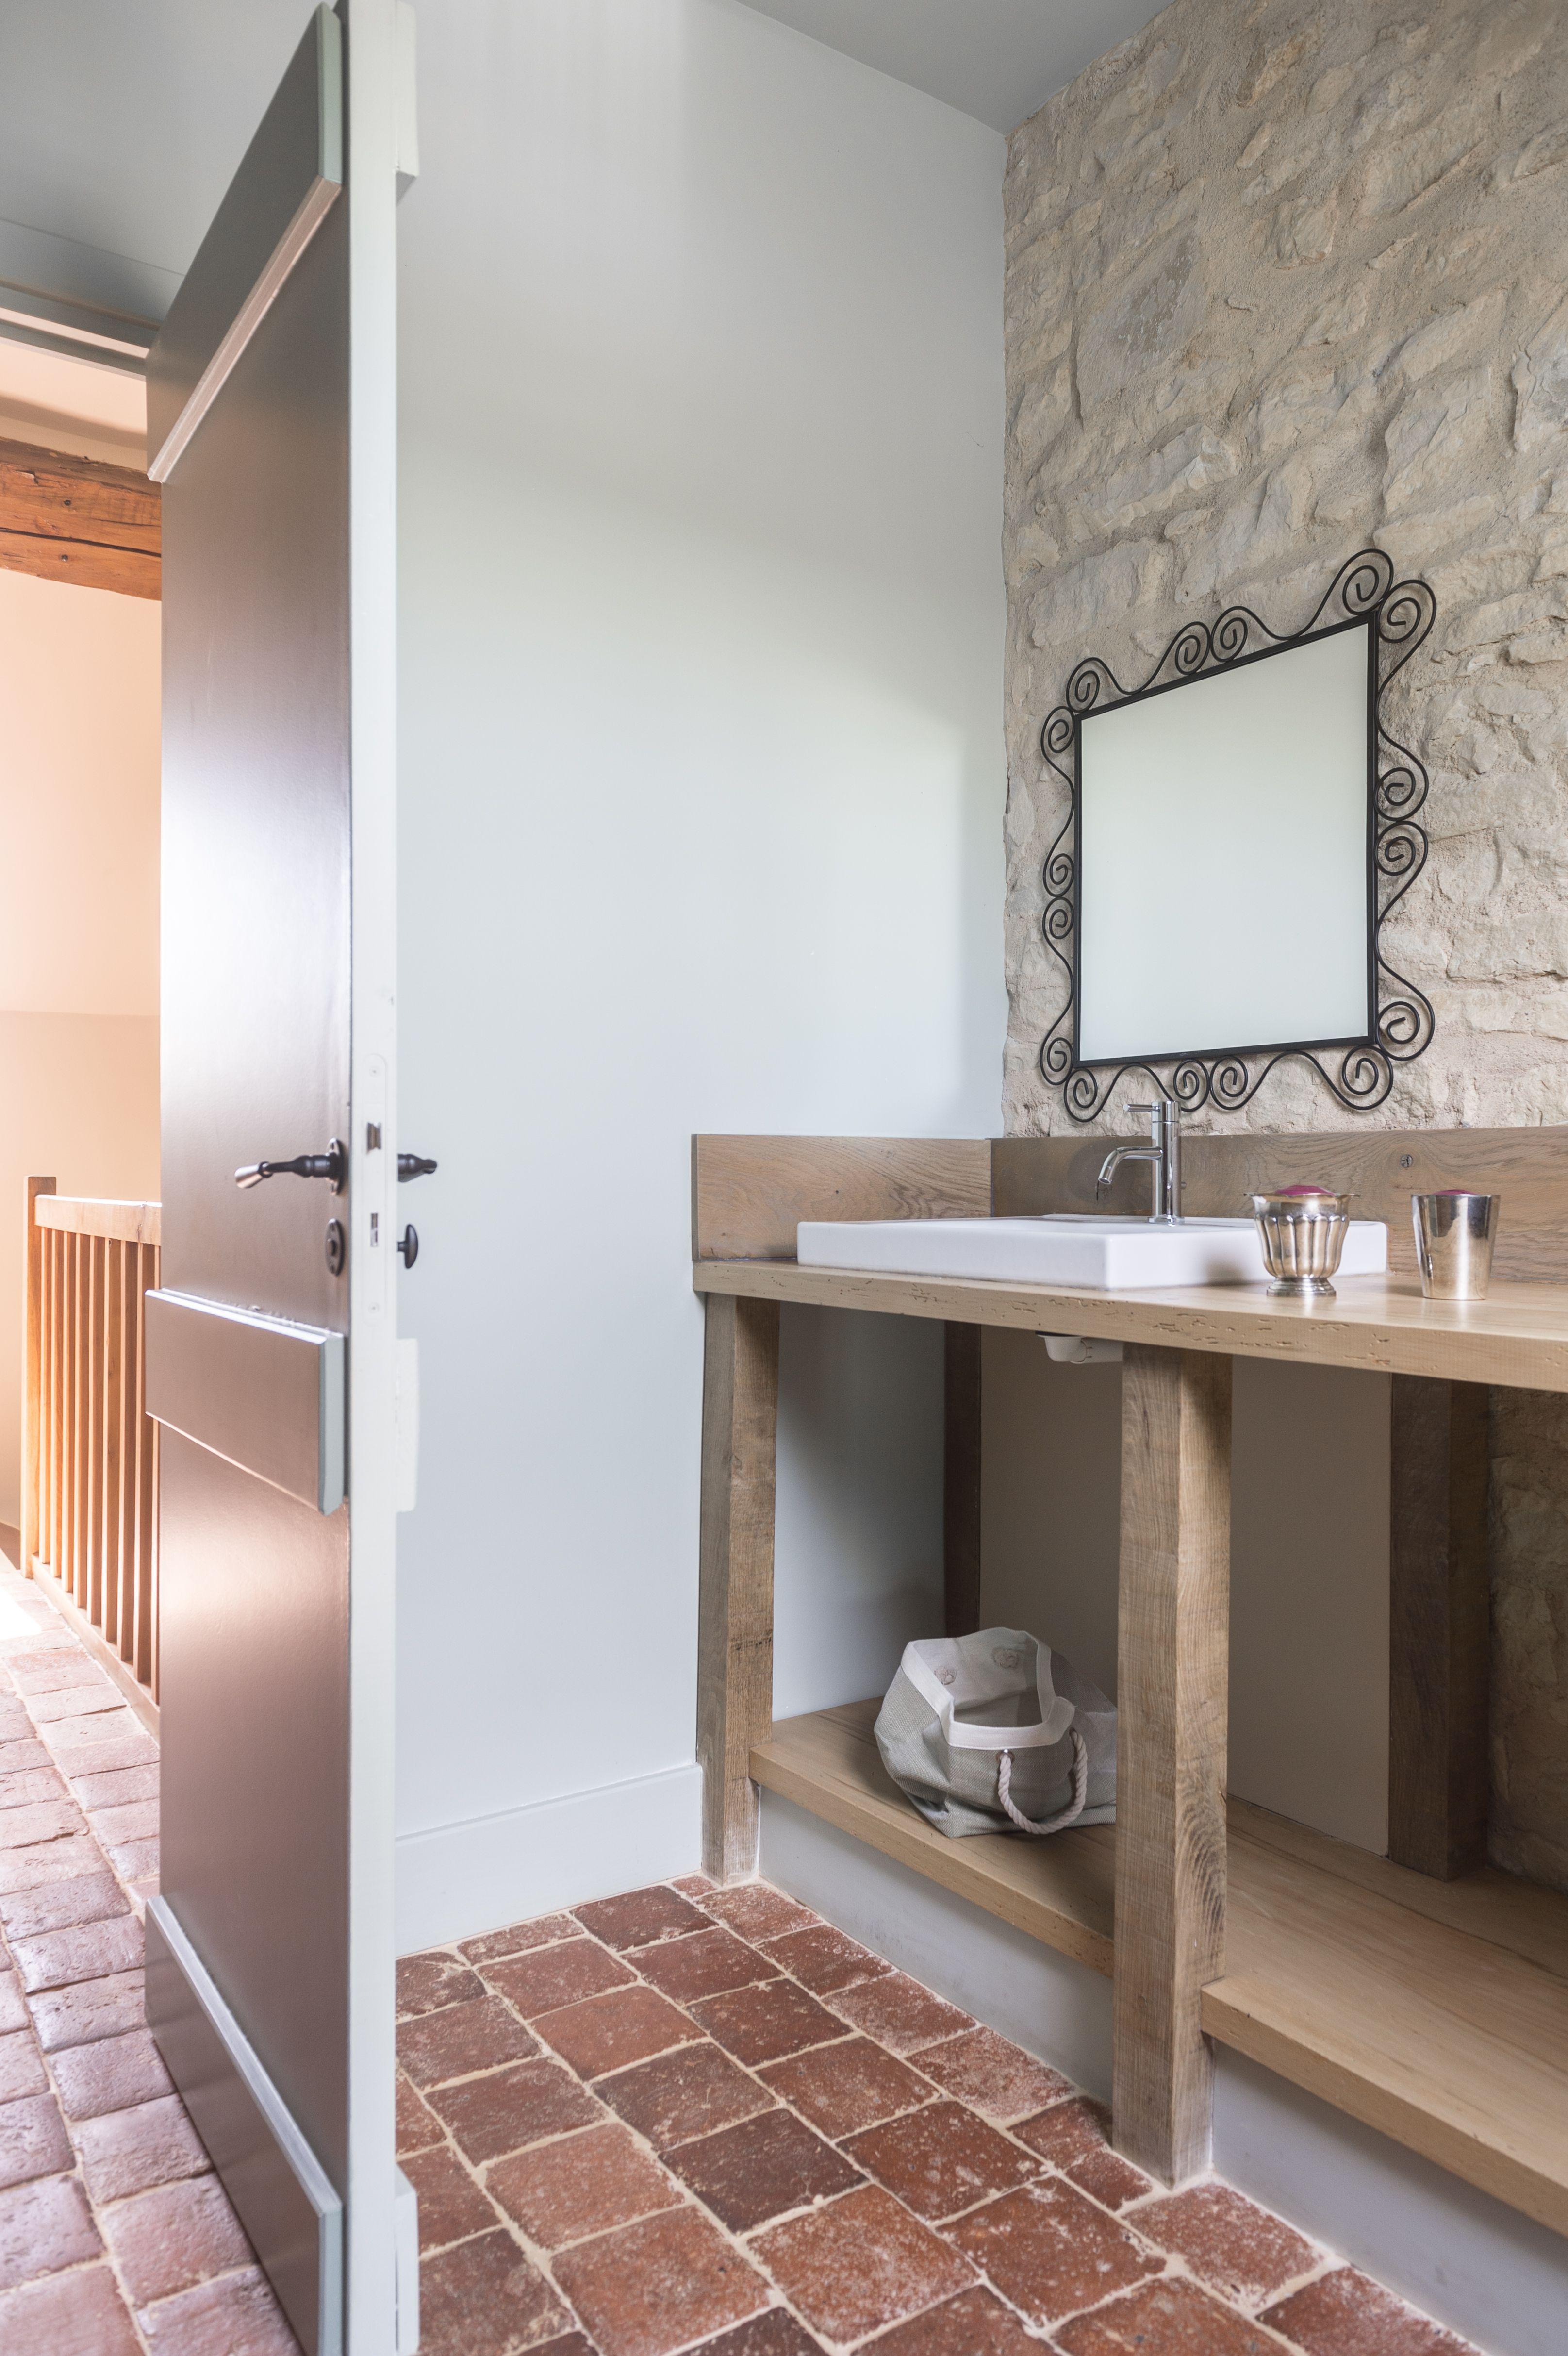 un meuble de toilette realise a partir de vielle planche de bois gitedefrance ferme pierre to salle de bain salle de bain minuscule salle de bains dressing